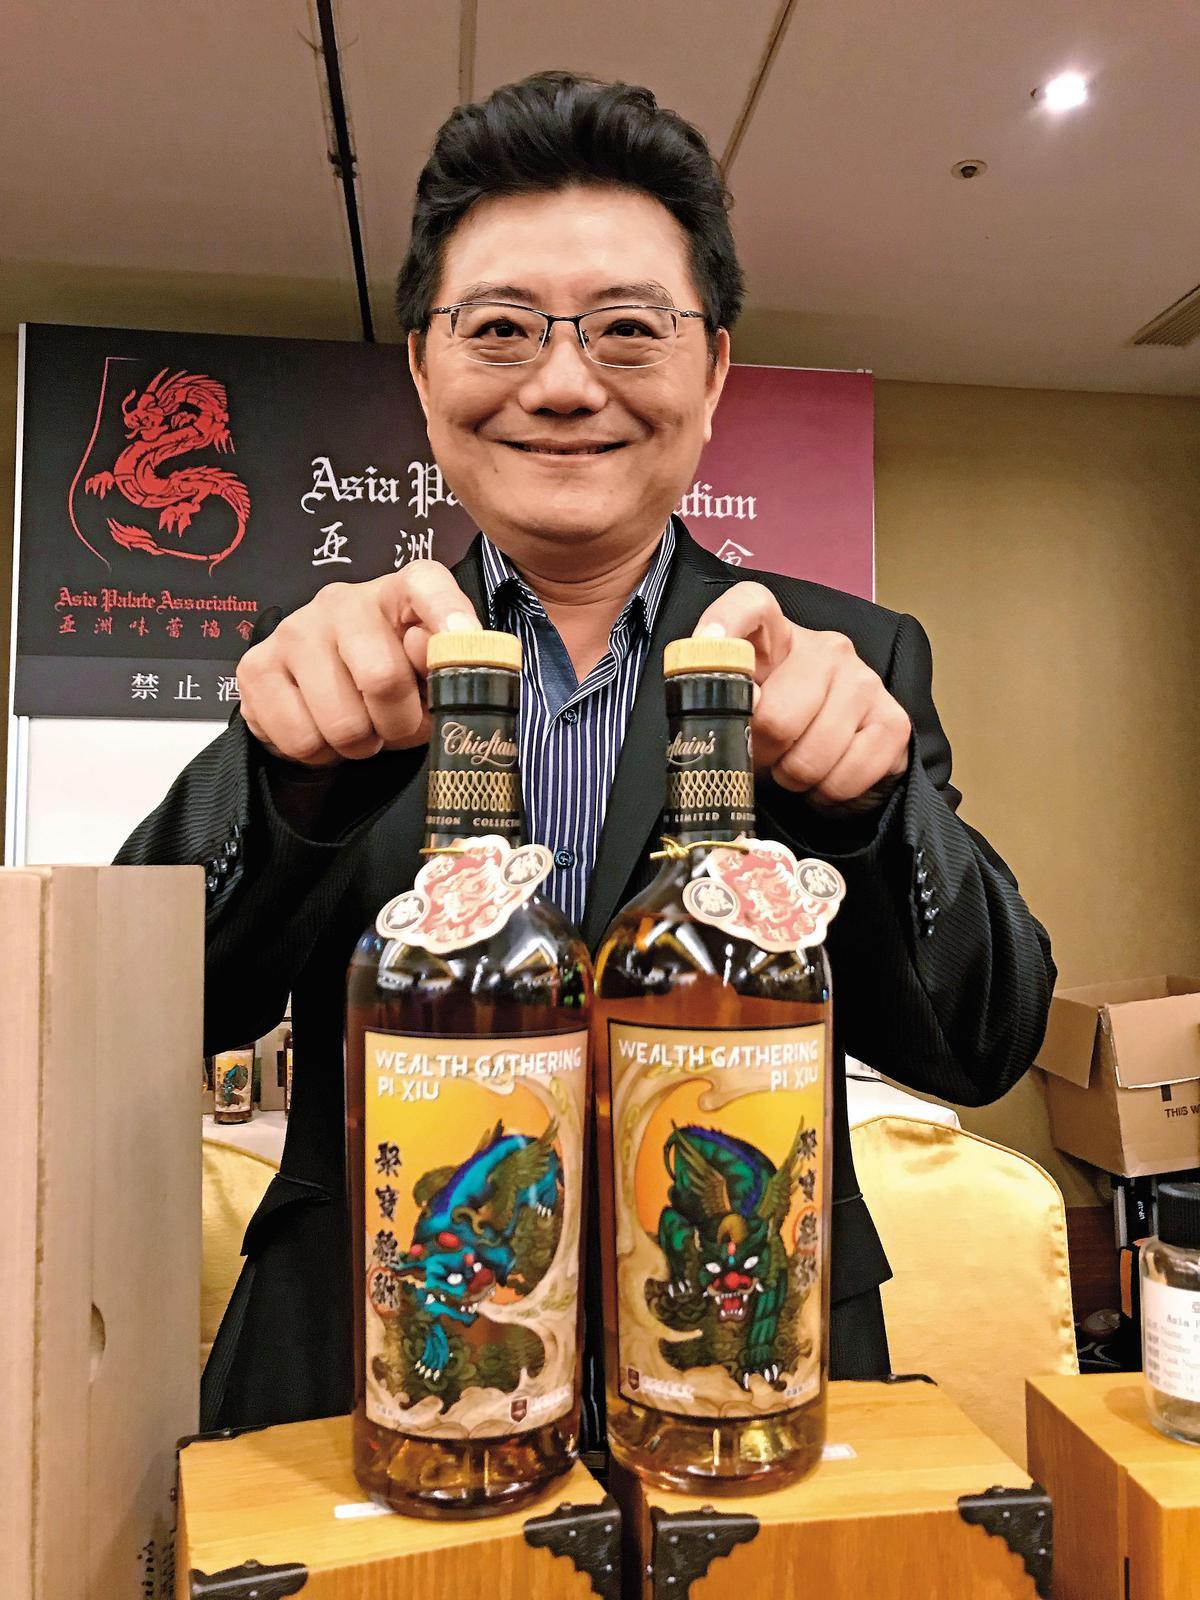 【挑桶貔貅】亞洲味蕾協會的楊良基推出風味濃郁的挑桶酒款,這次特別提供貔貅(龍的兒子,公母一對)酒款,相當富有創意。